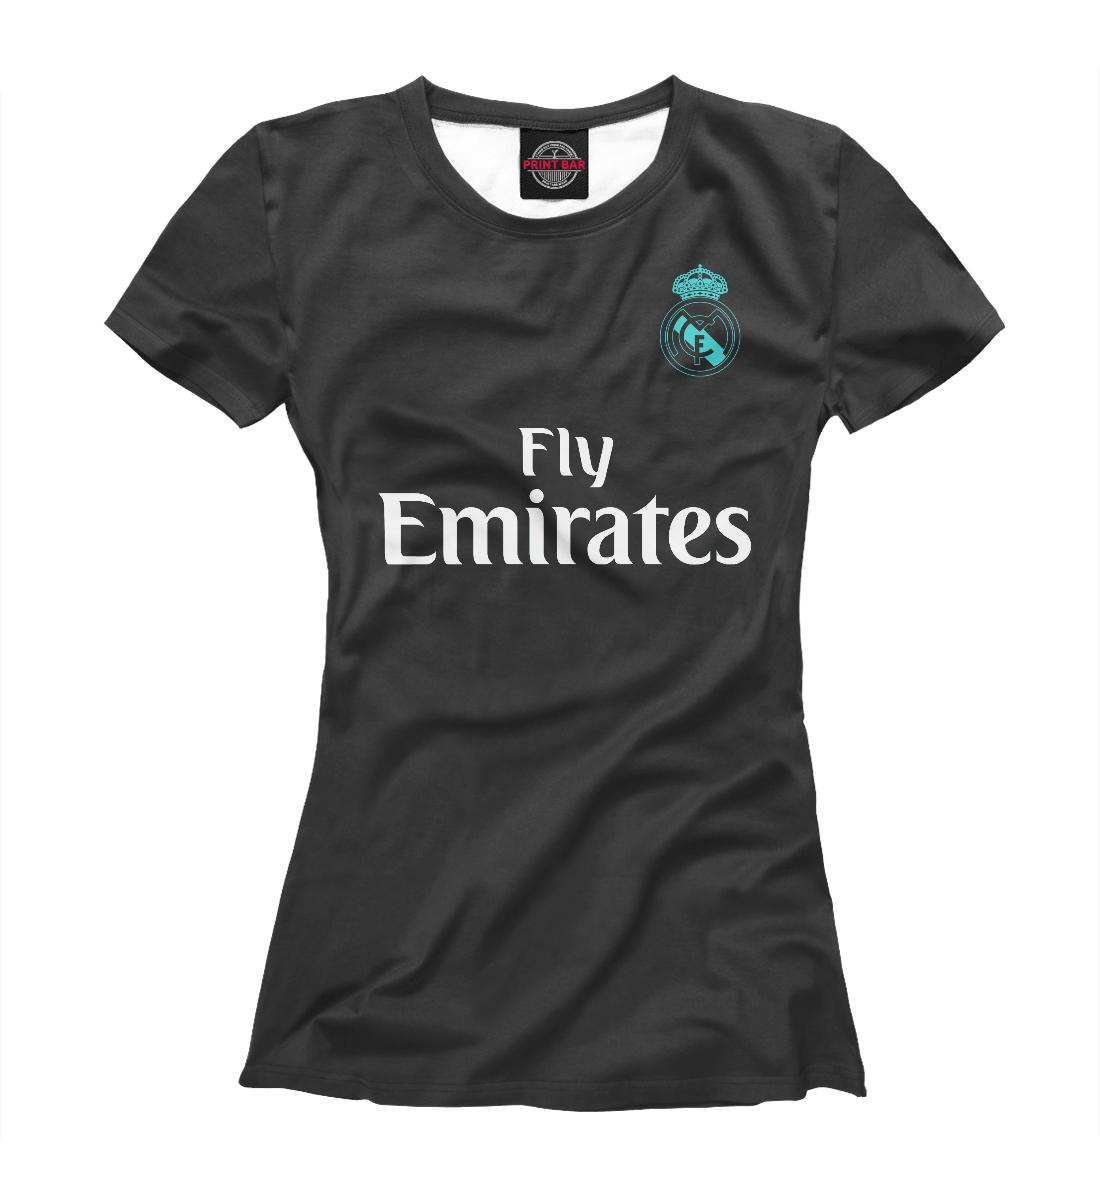 Форма Реал Мадрид Гостевая 17/18, Printbar, Футболки, REA-859816-fut-1  - купить со скидкой